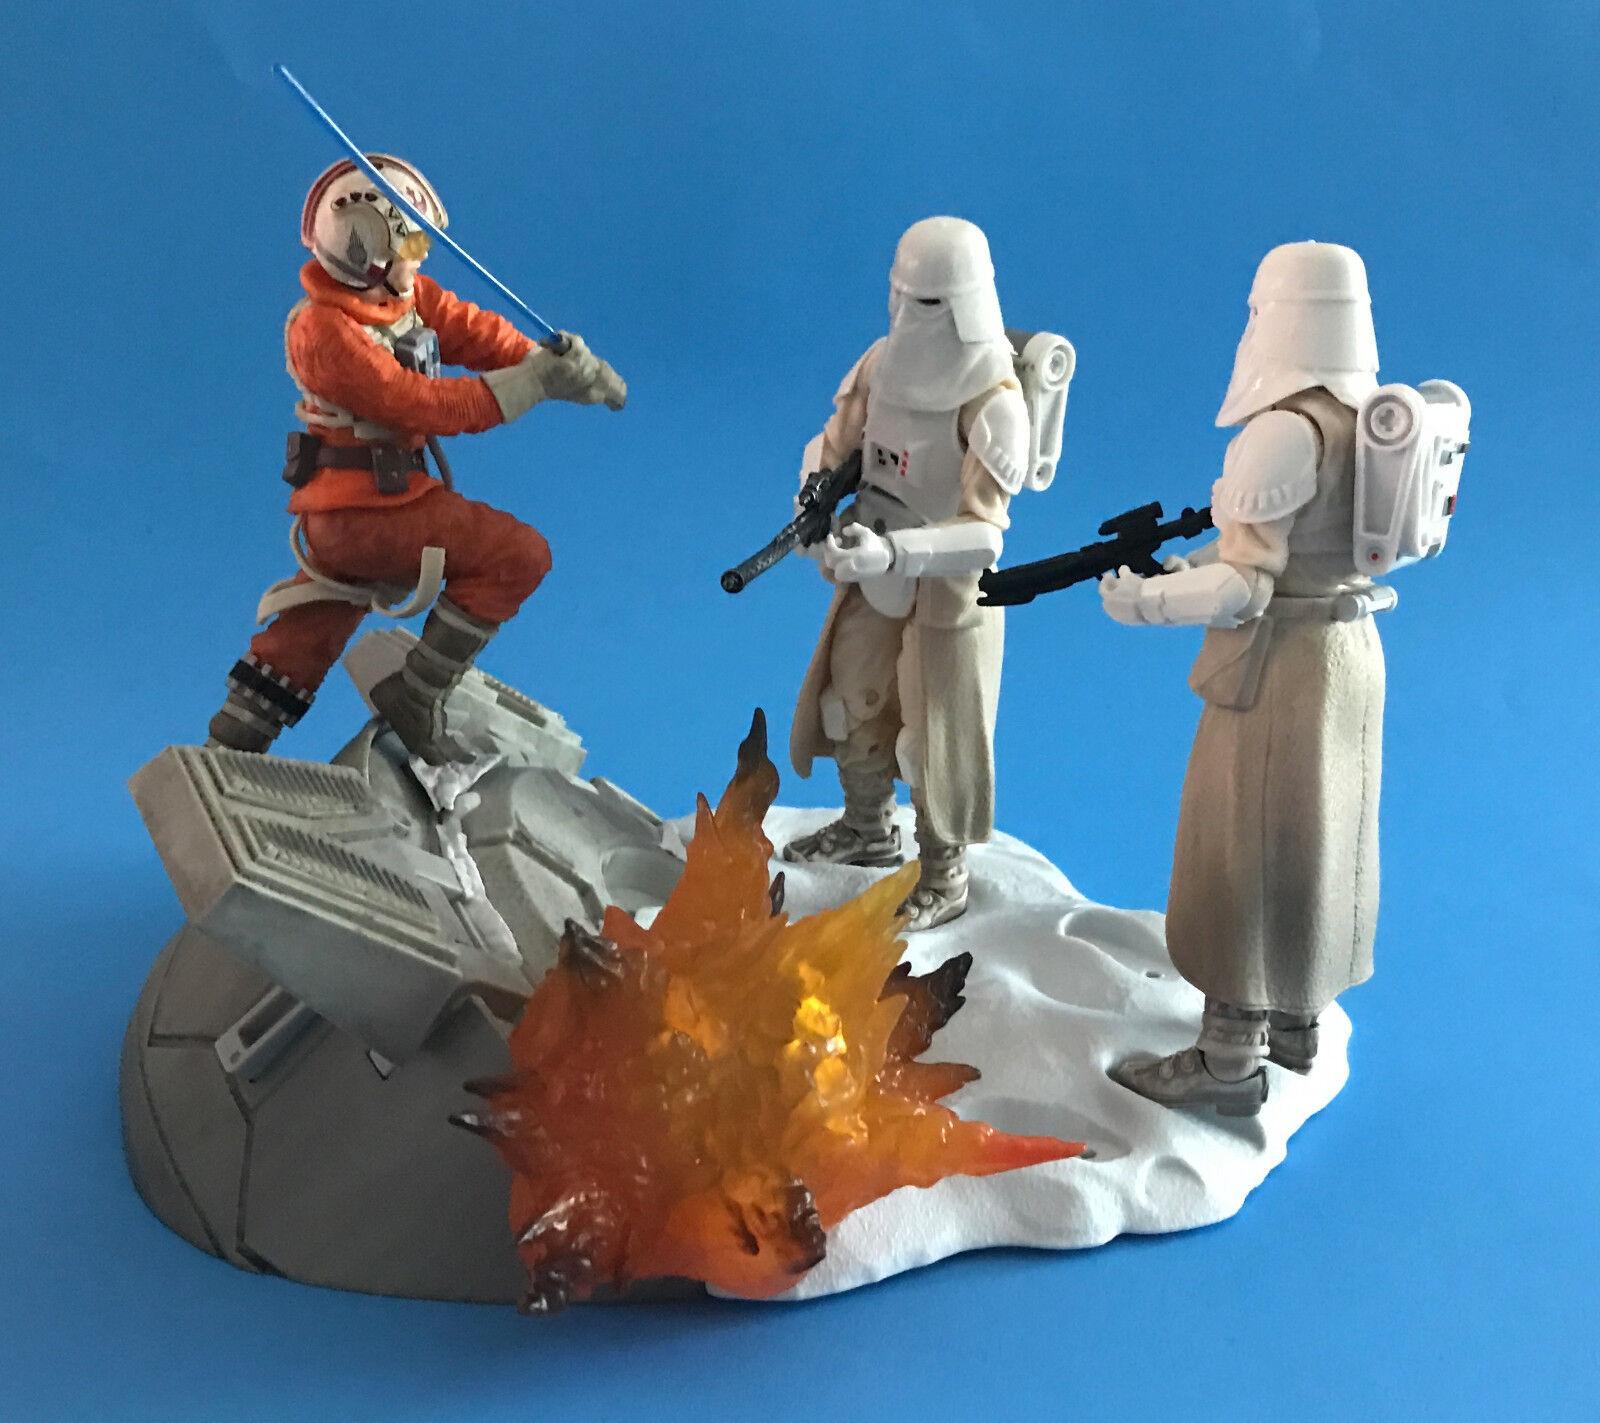 Venta en línea de descuento de fábrica Estrella Wars Serie Negra Centro Skywalker Luke & Hoth Hoth Hoth STORMTROOPER'S 15.2cm  ¡No dudes! ¡Compra ahora!